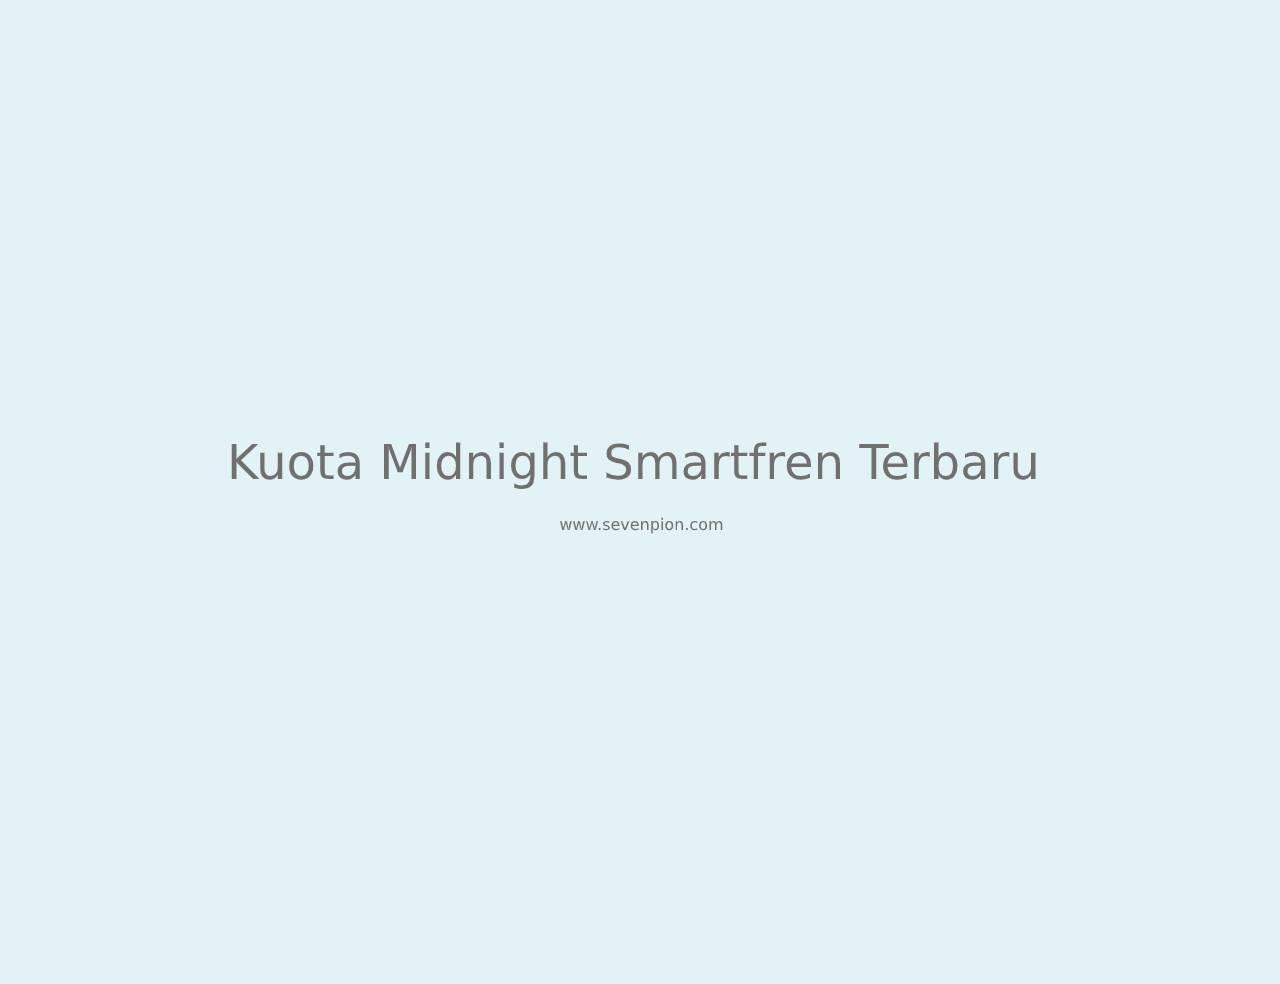 kuota midnight smartfren